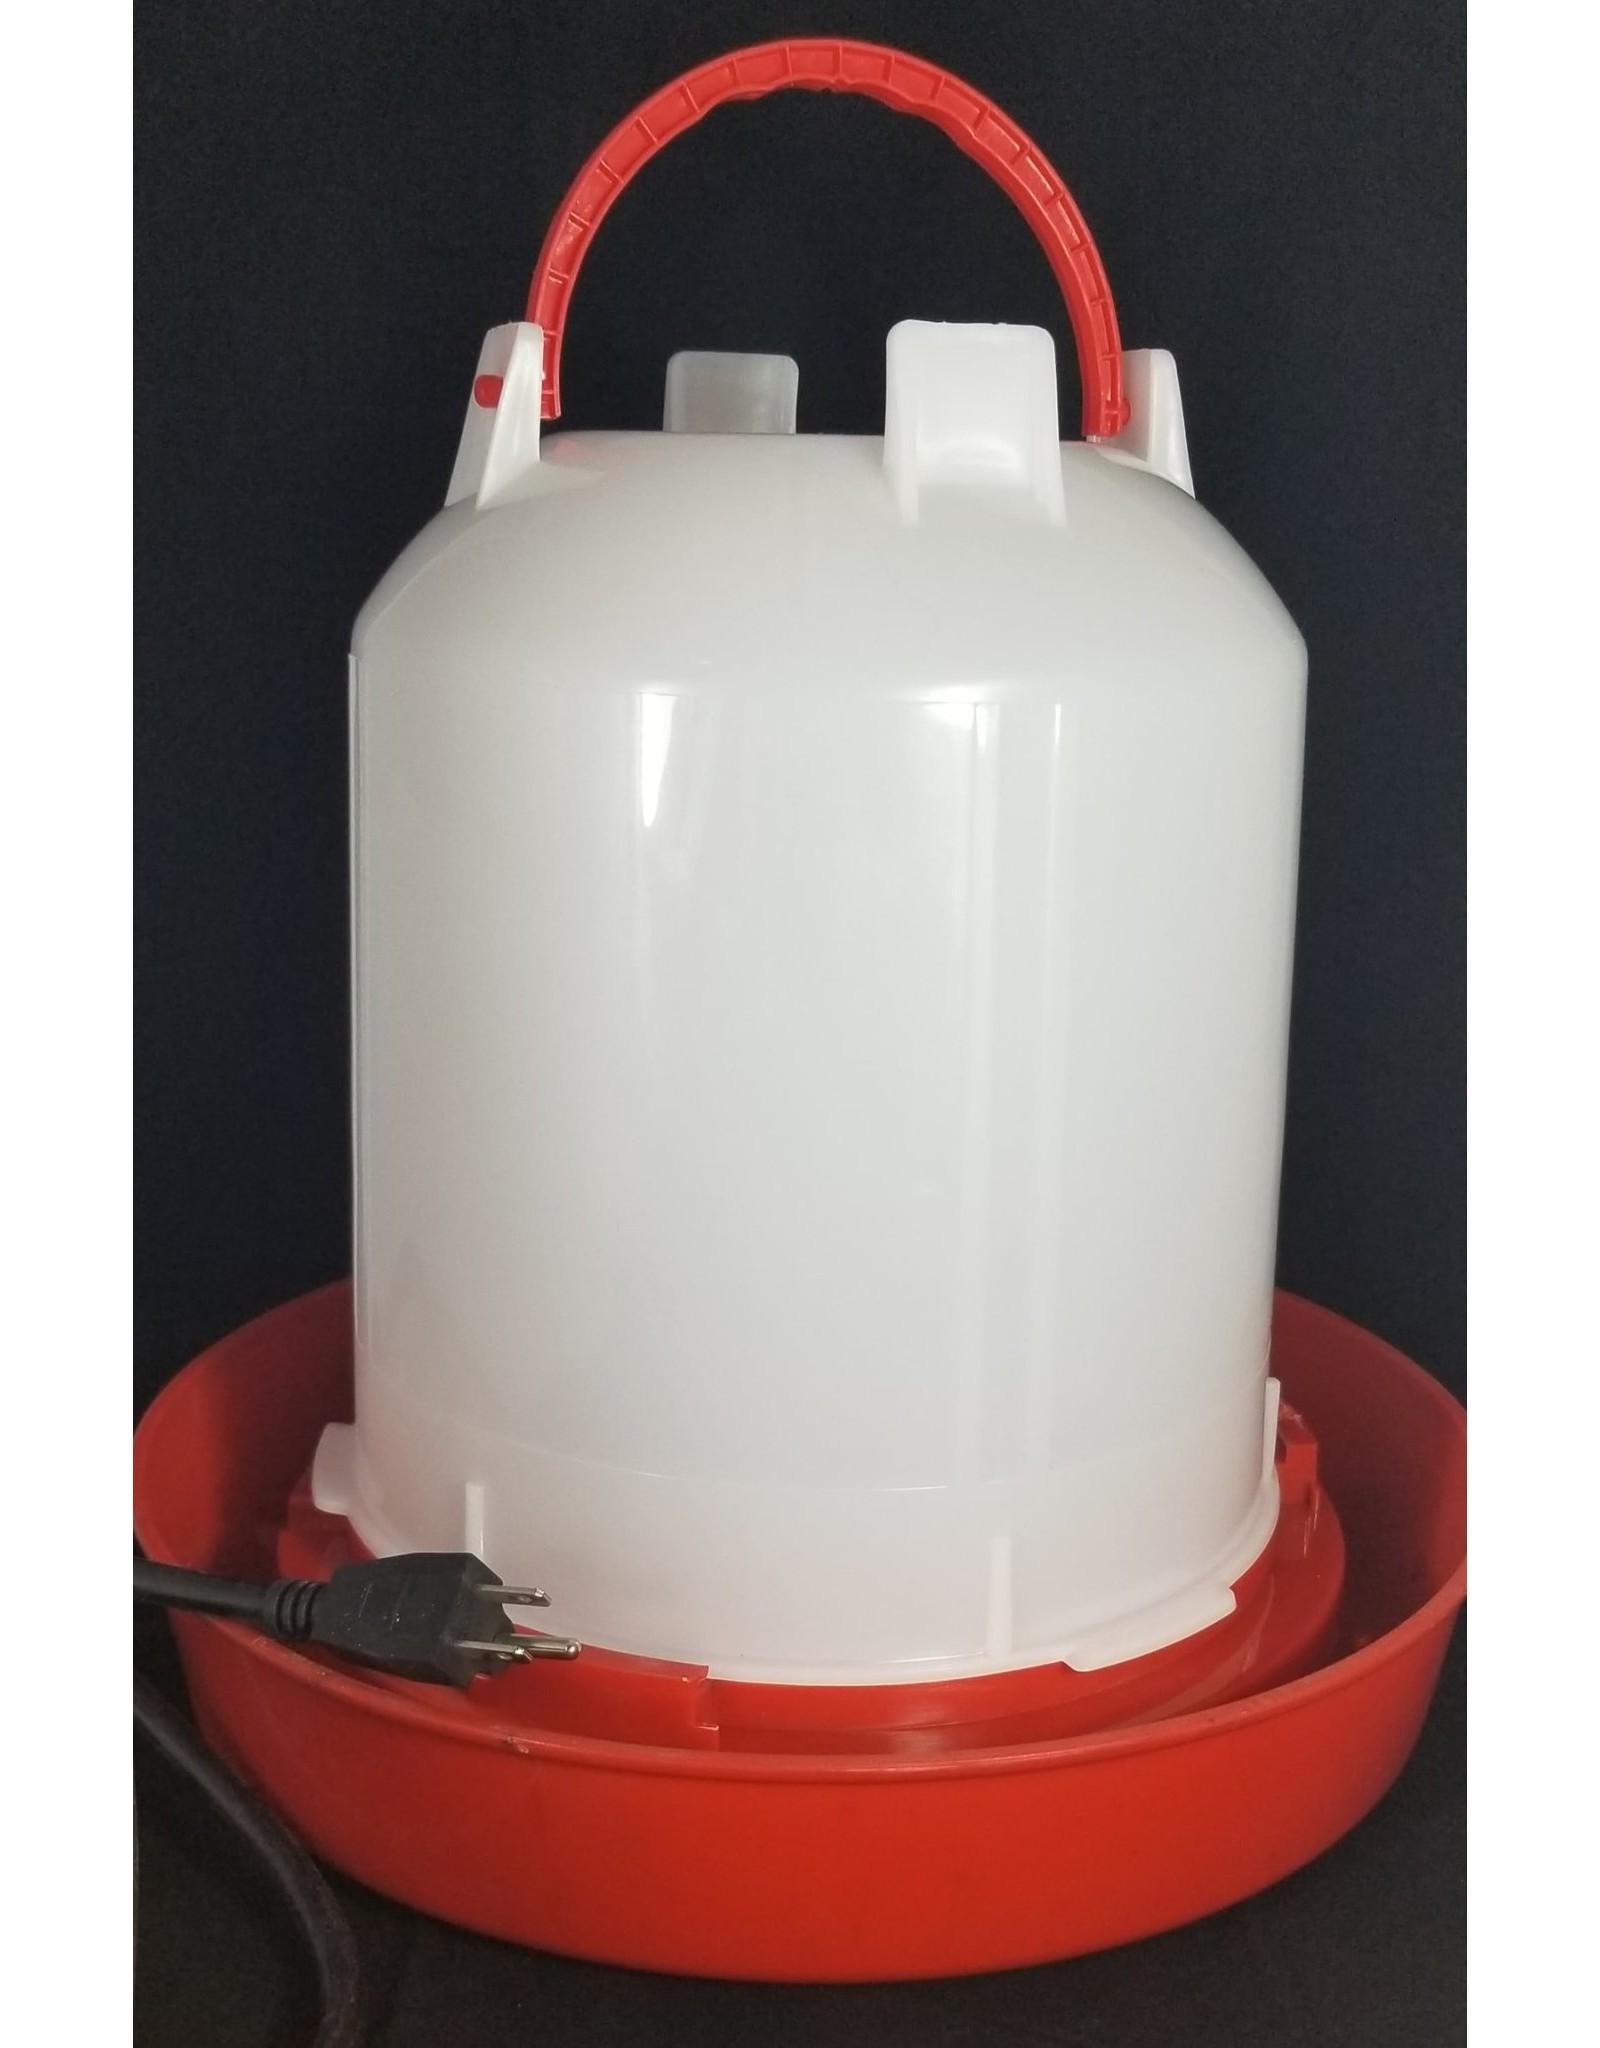 Ma poule express Abreuvoir chauffant blanche et rouge 11 litres, PE